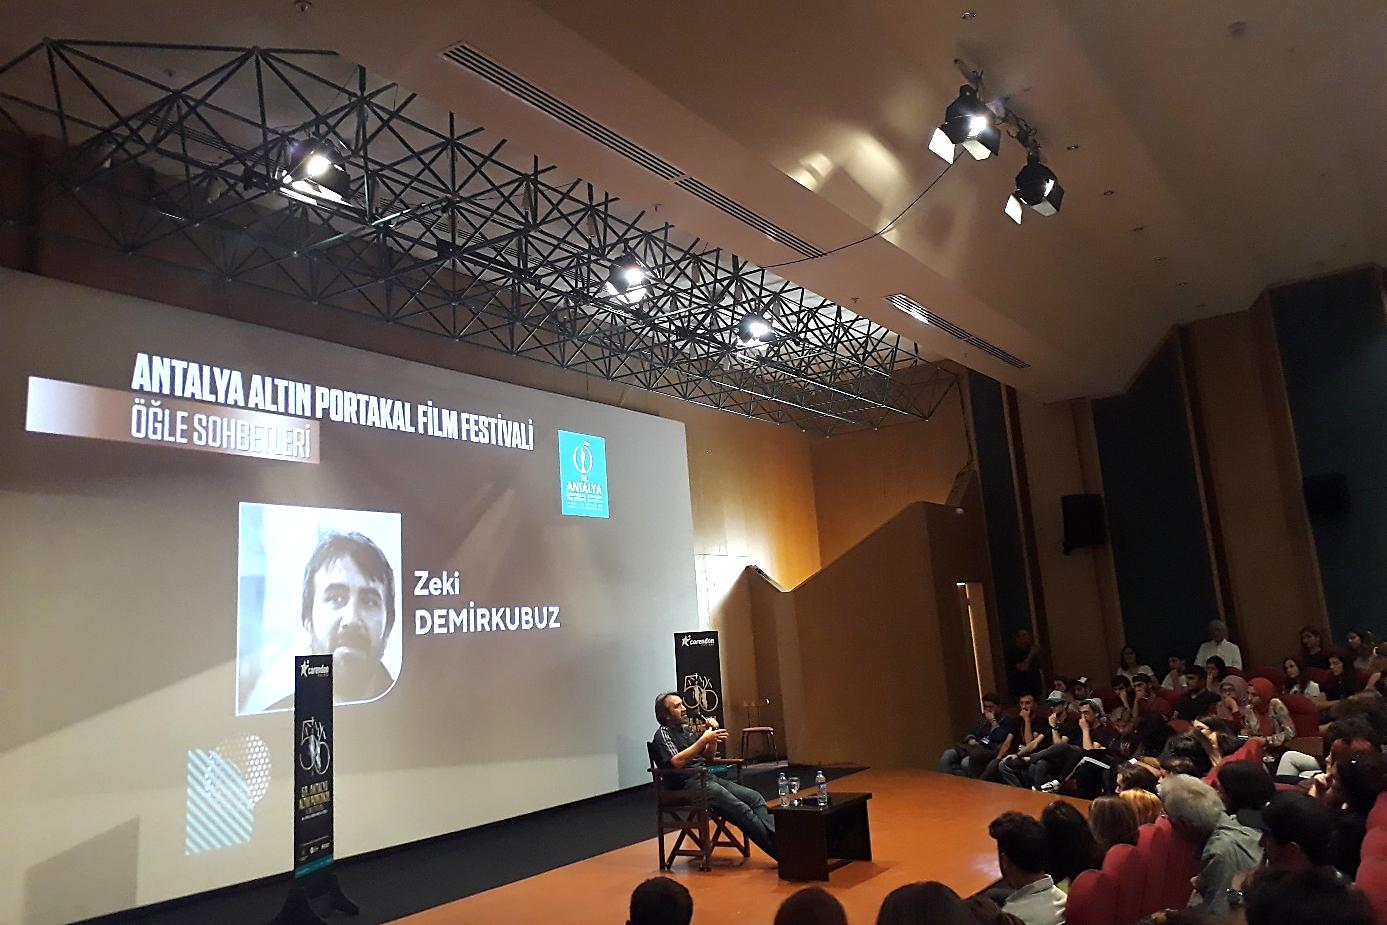 56. Antalya Film Festivali Kapsamında Düzenlenen Zeki Demirkubuz Söyleşisi